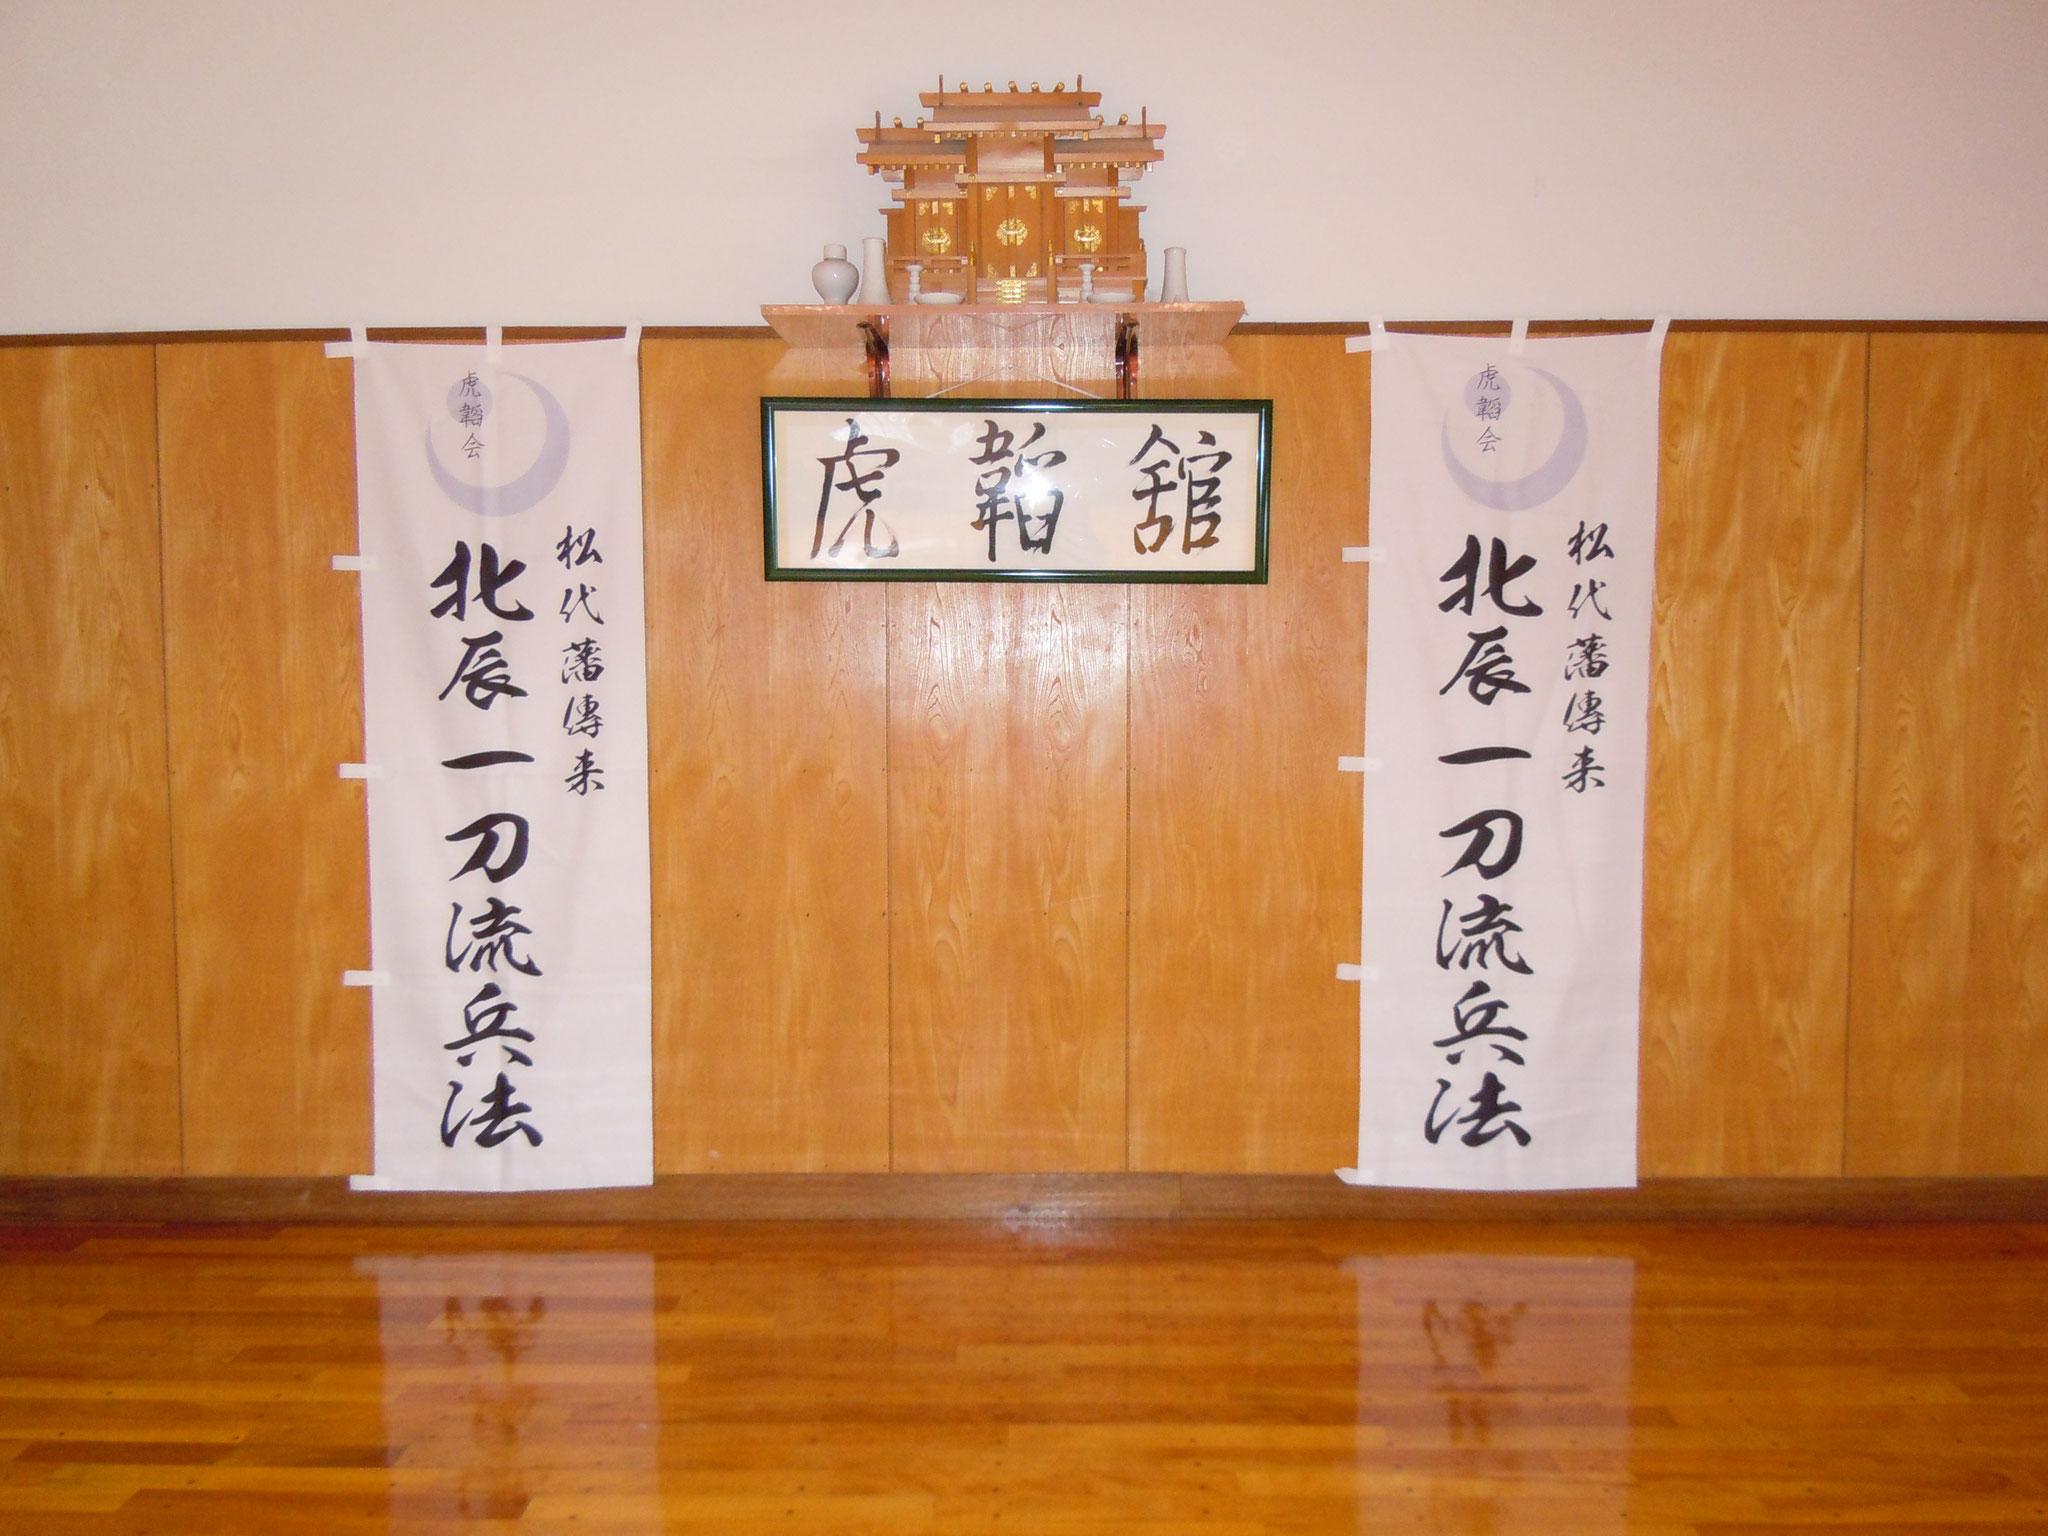 再興虎韜館初期の旗